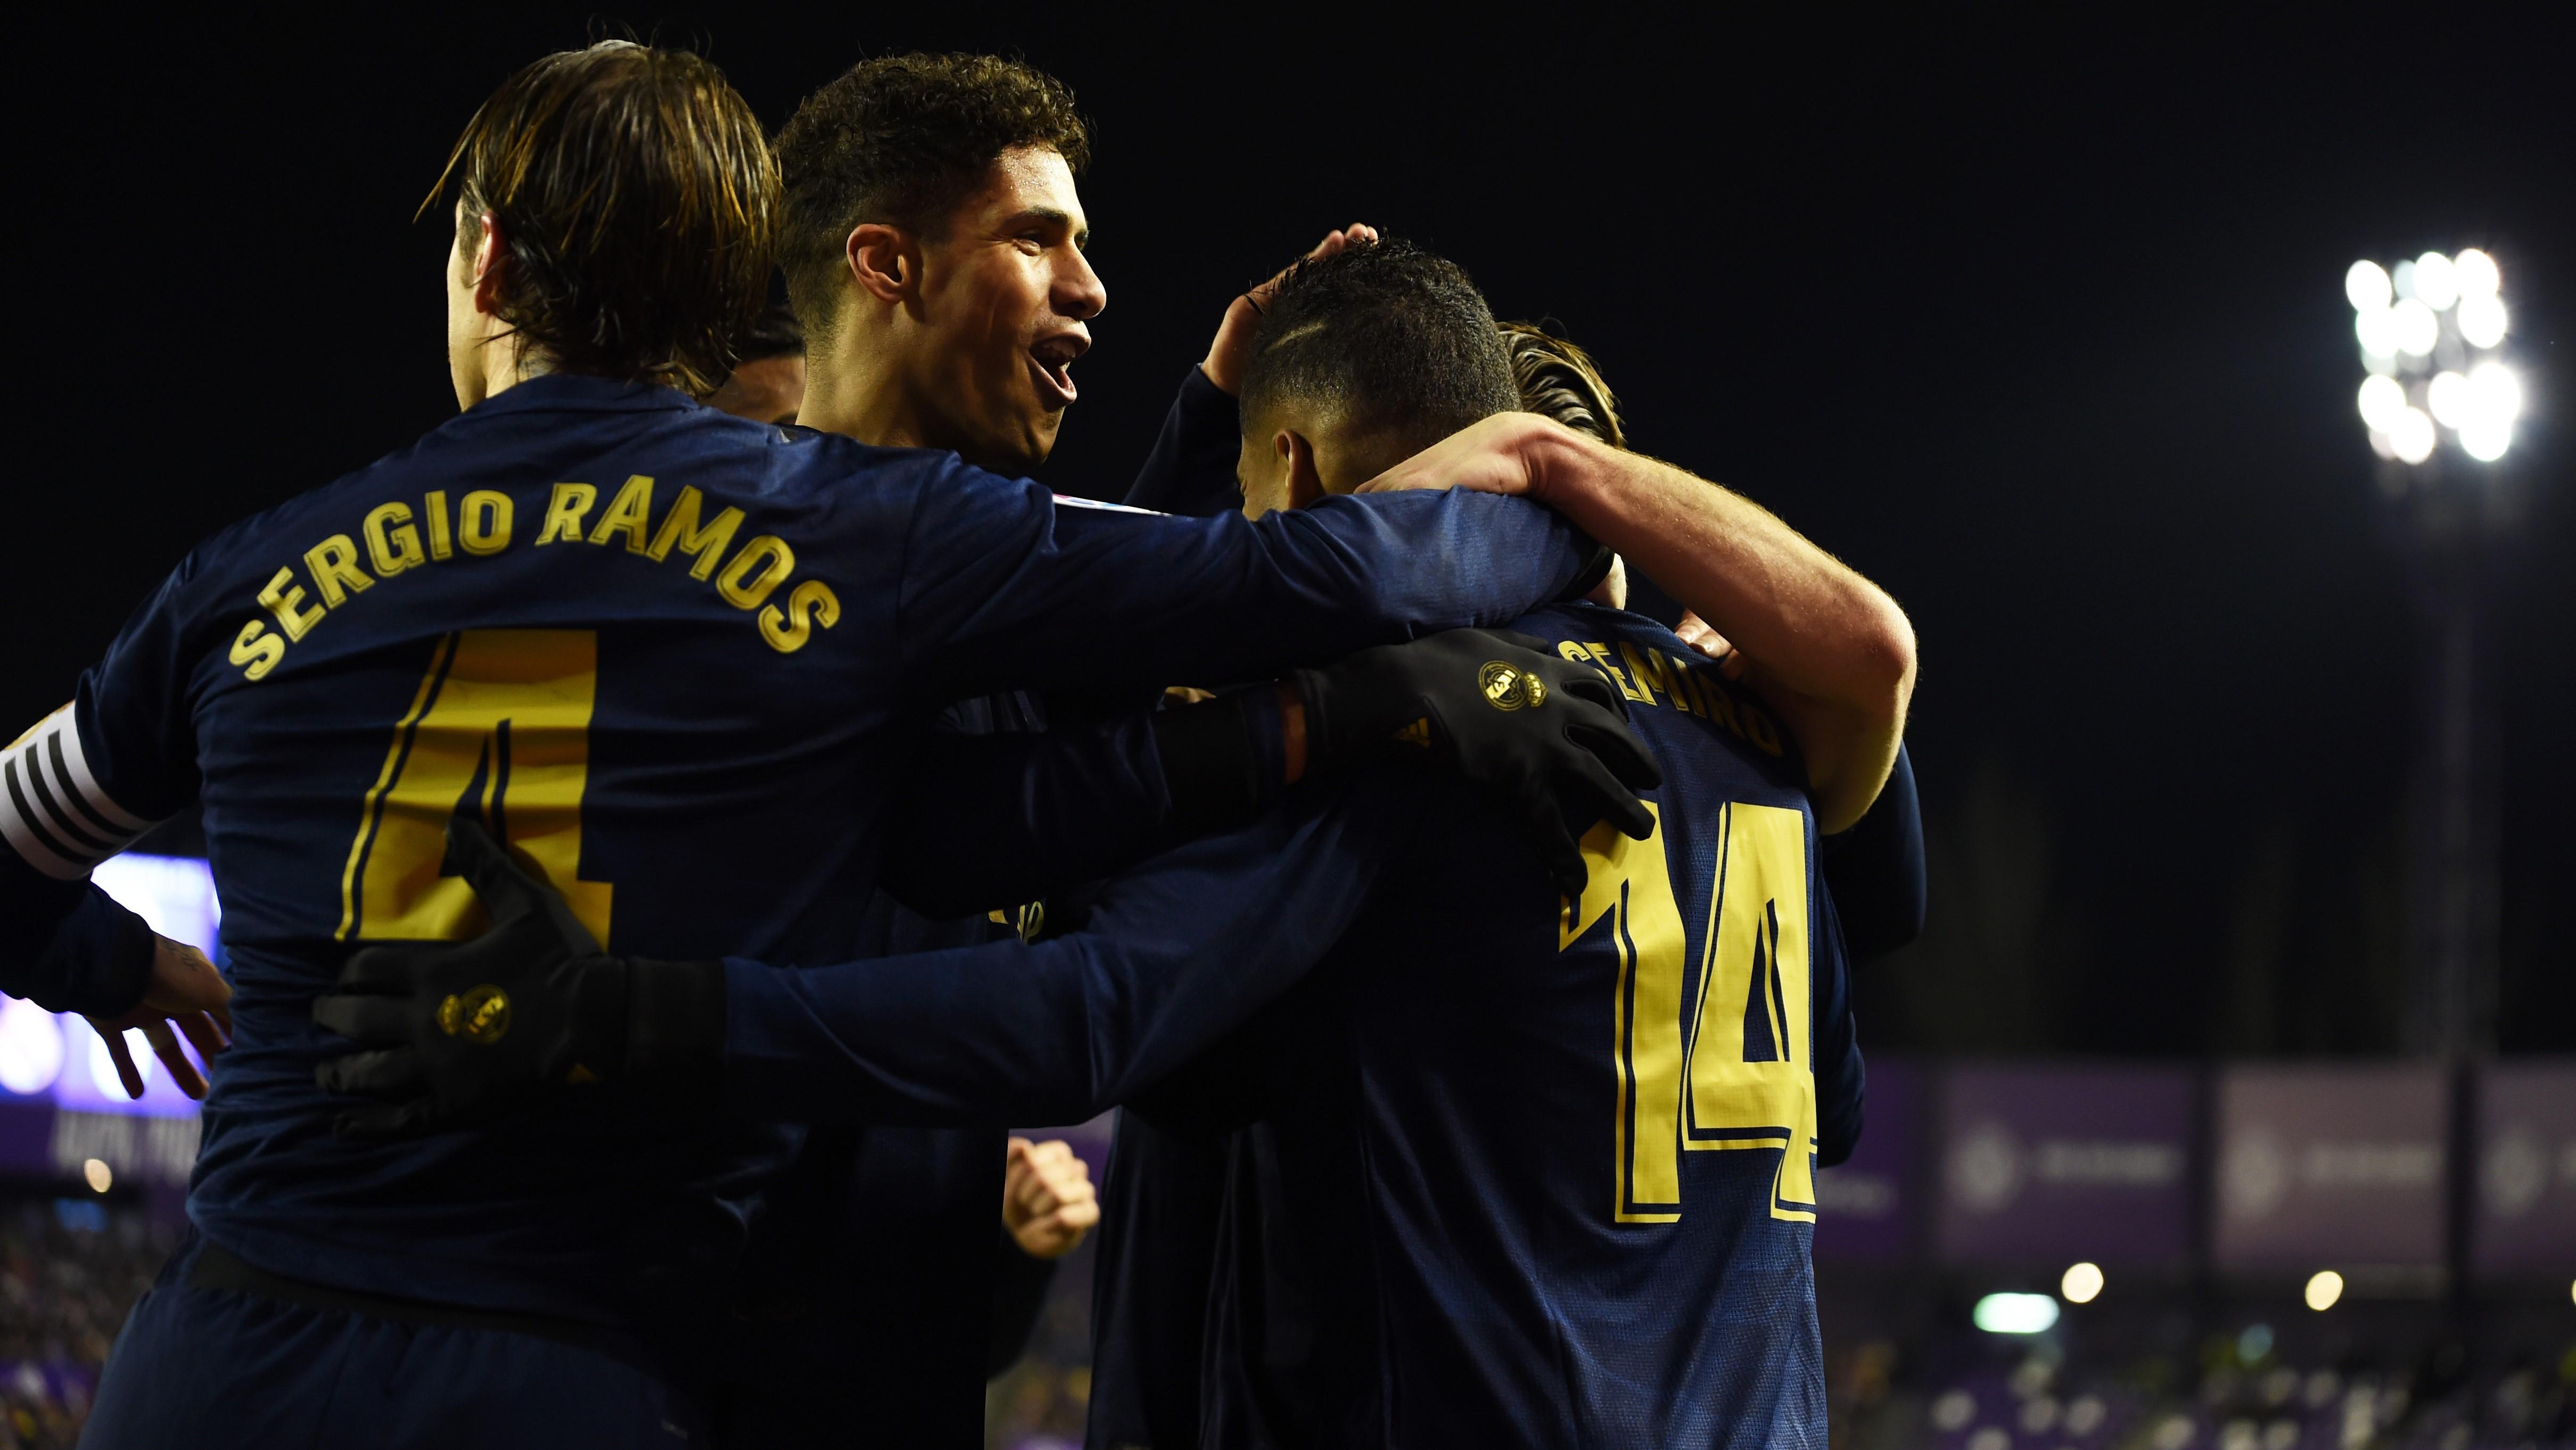 Valladolid-Madrid (0-1) - Le Real profite du faux pas du Barça